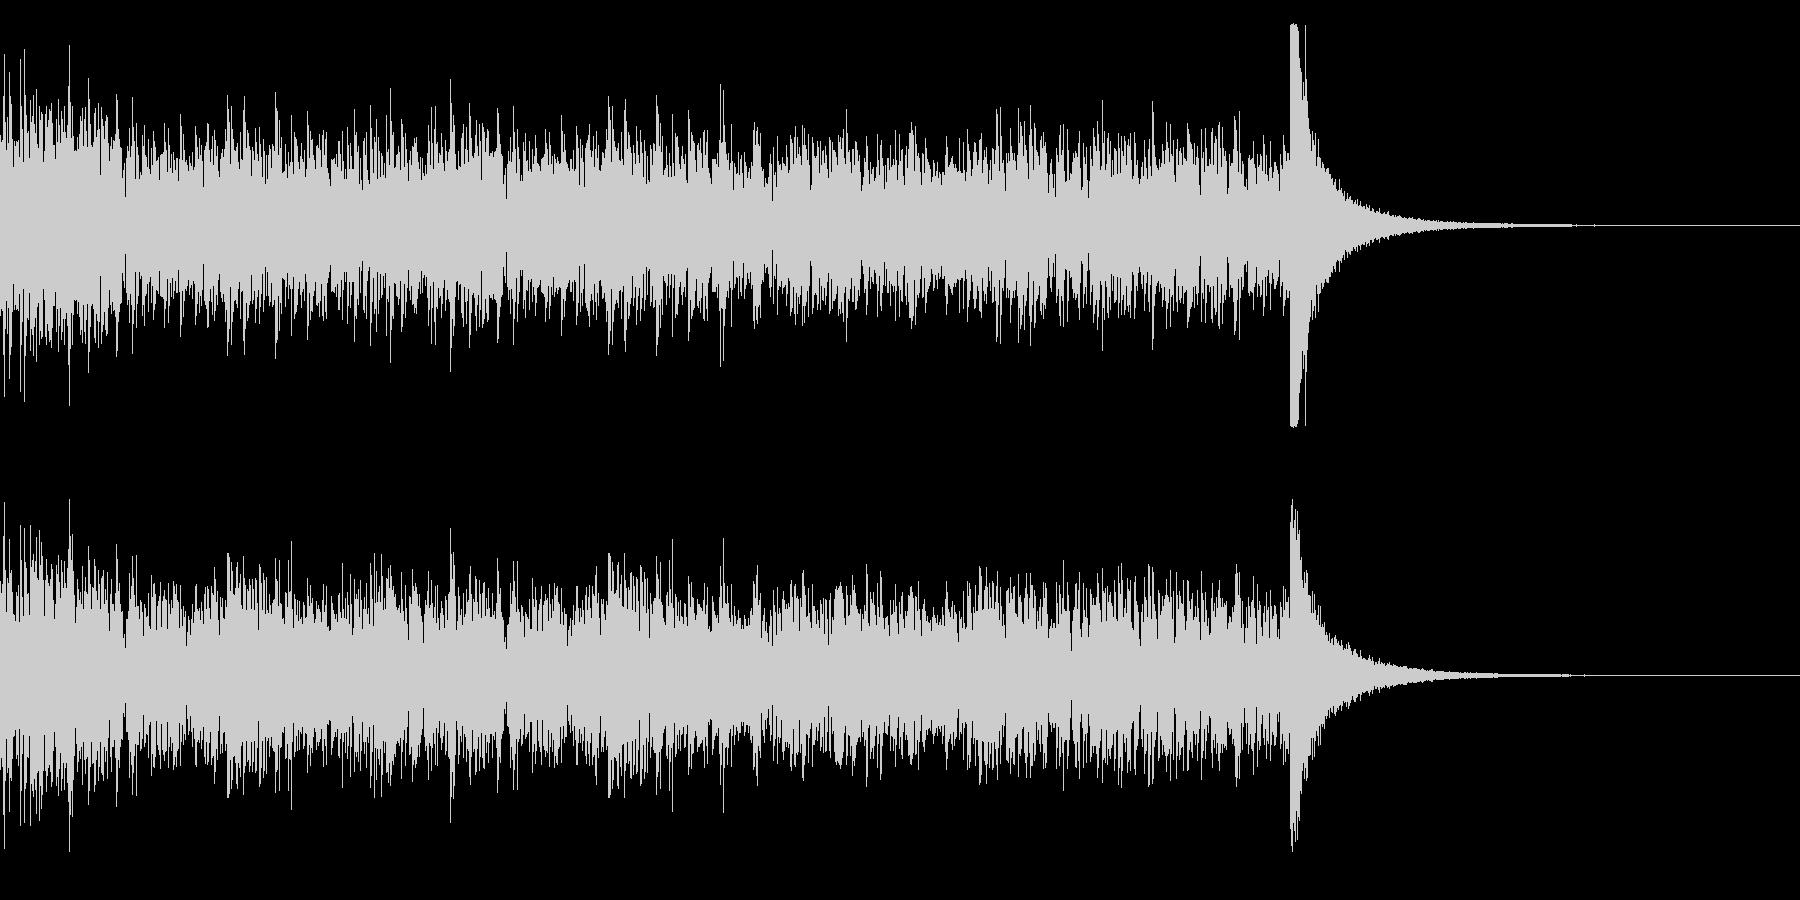 ドラムロール(29秒)の未再生の波形